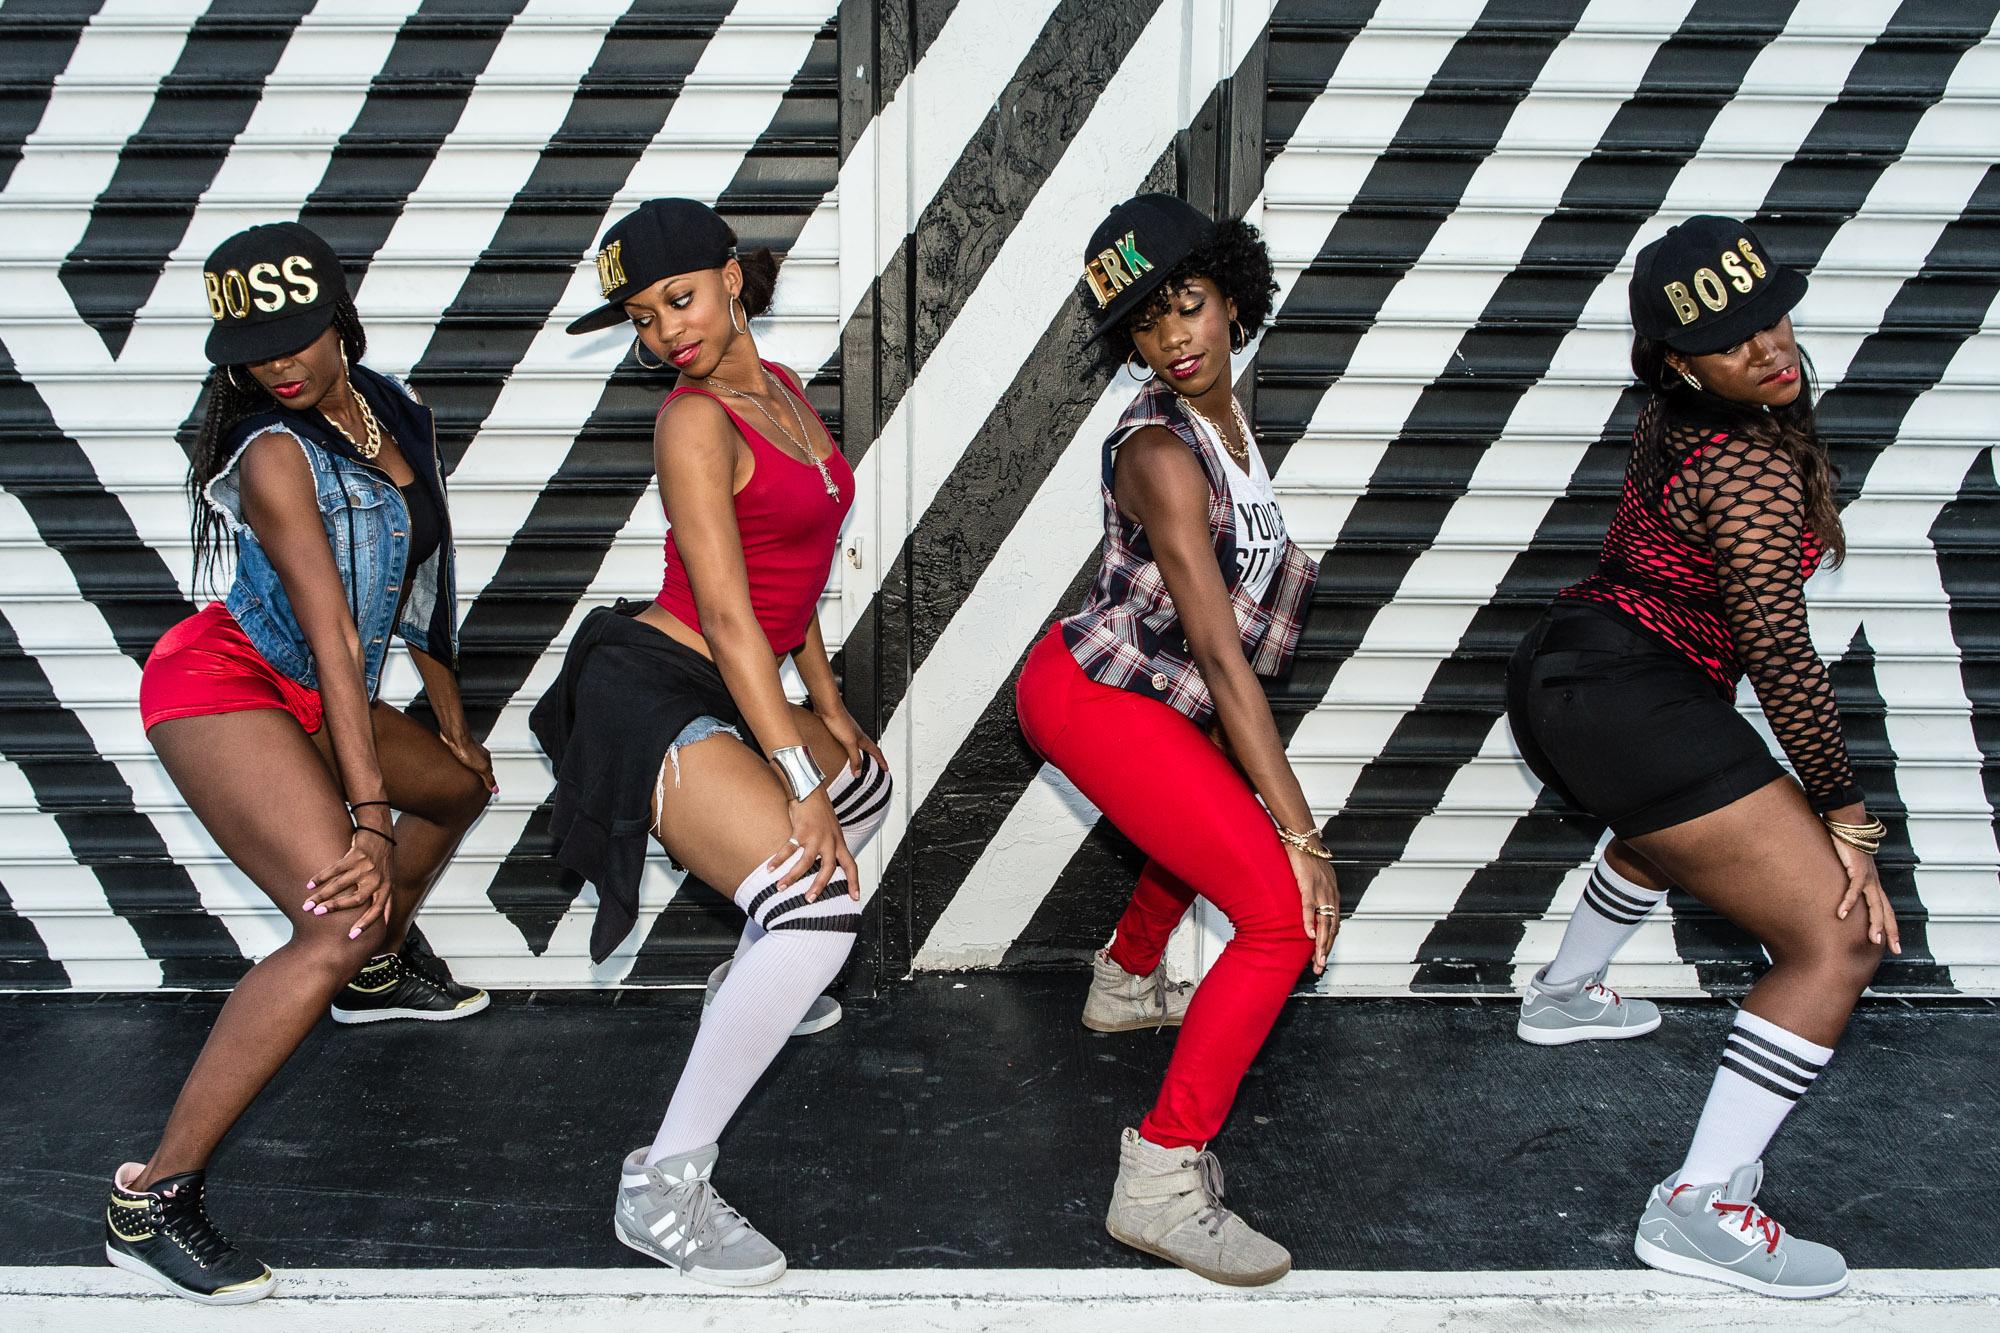 Photo: Boss Chick Dance Workout